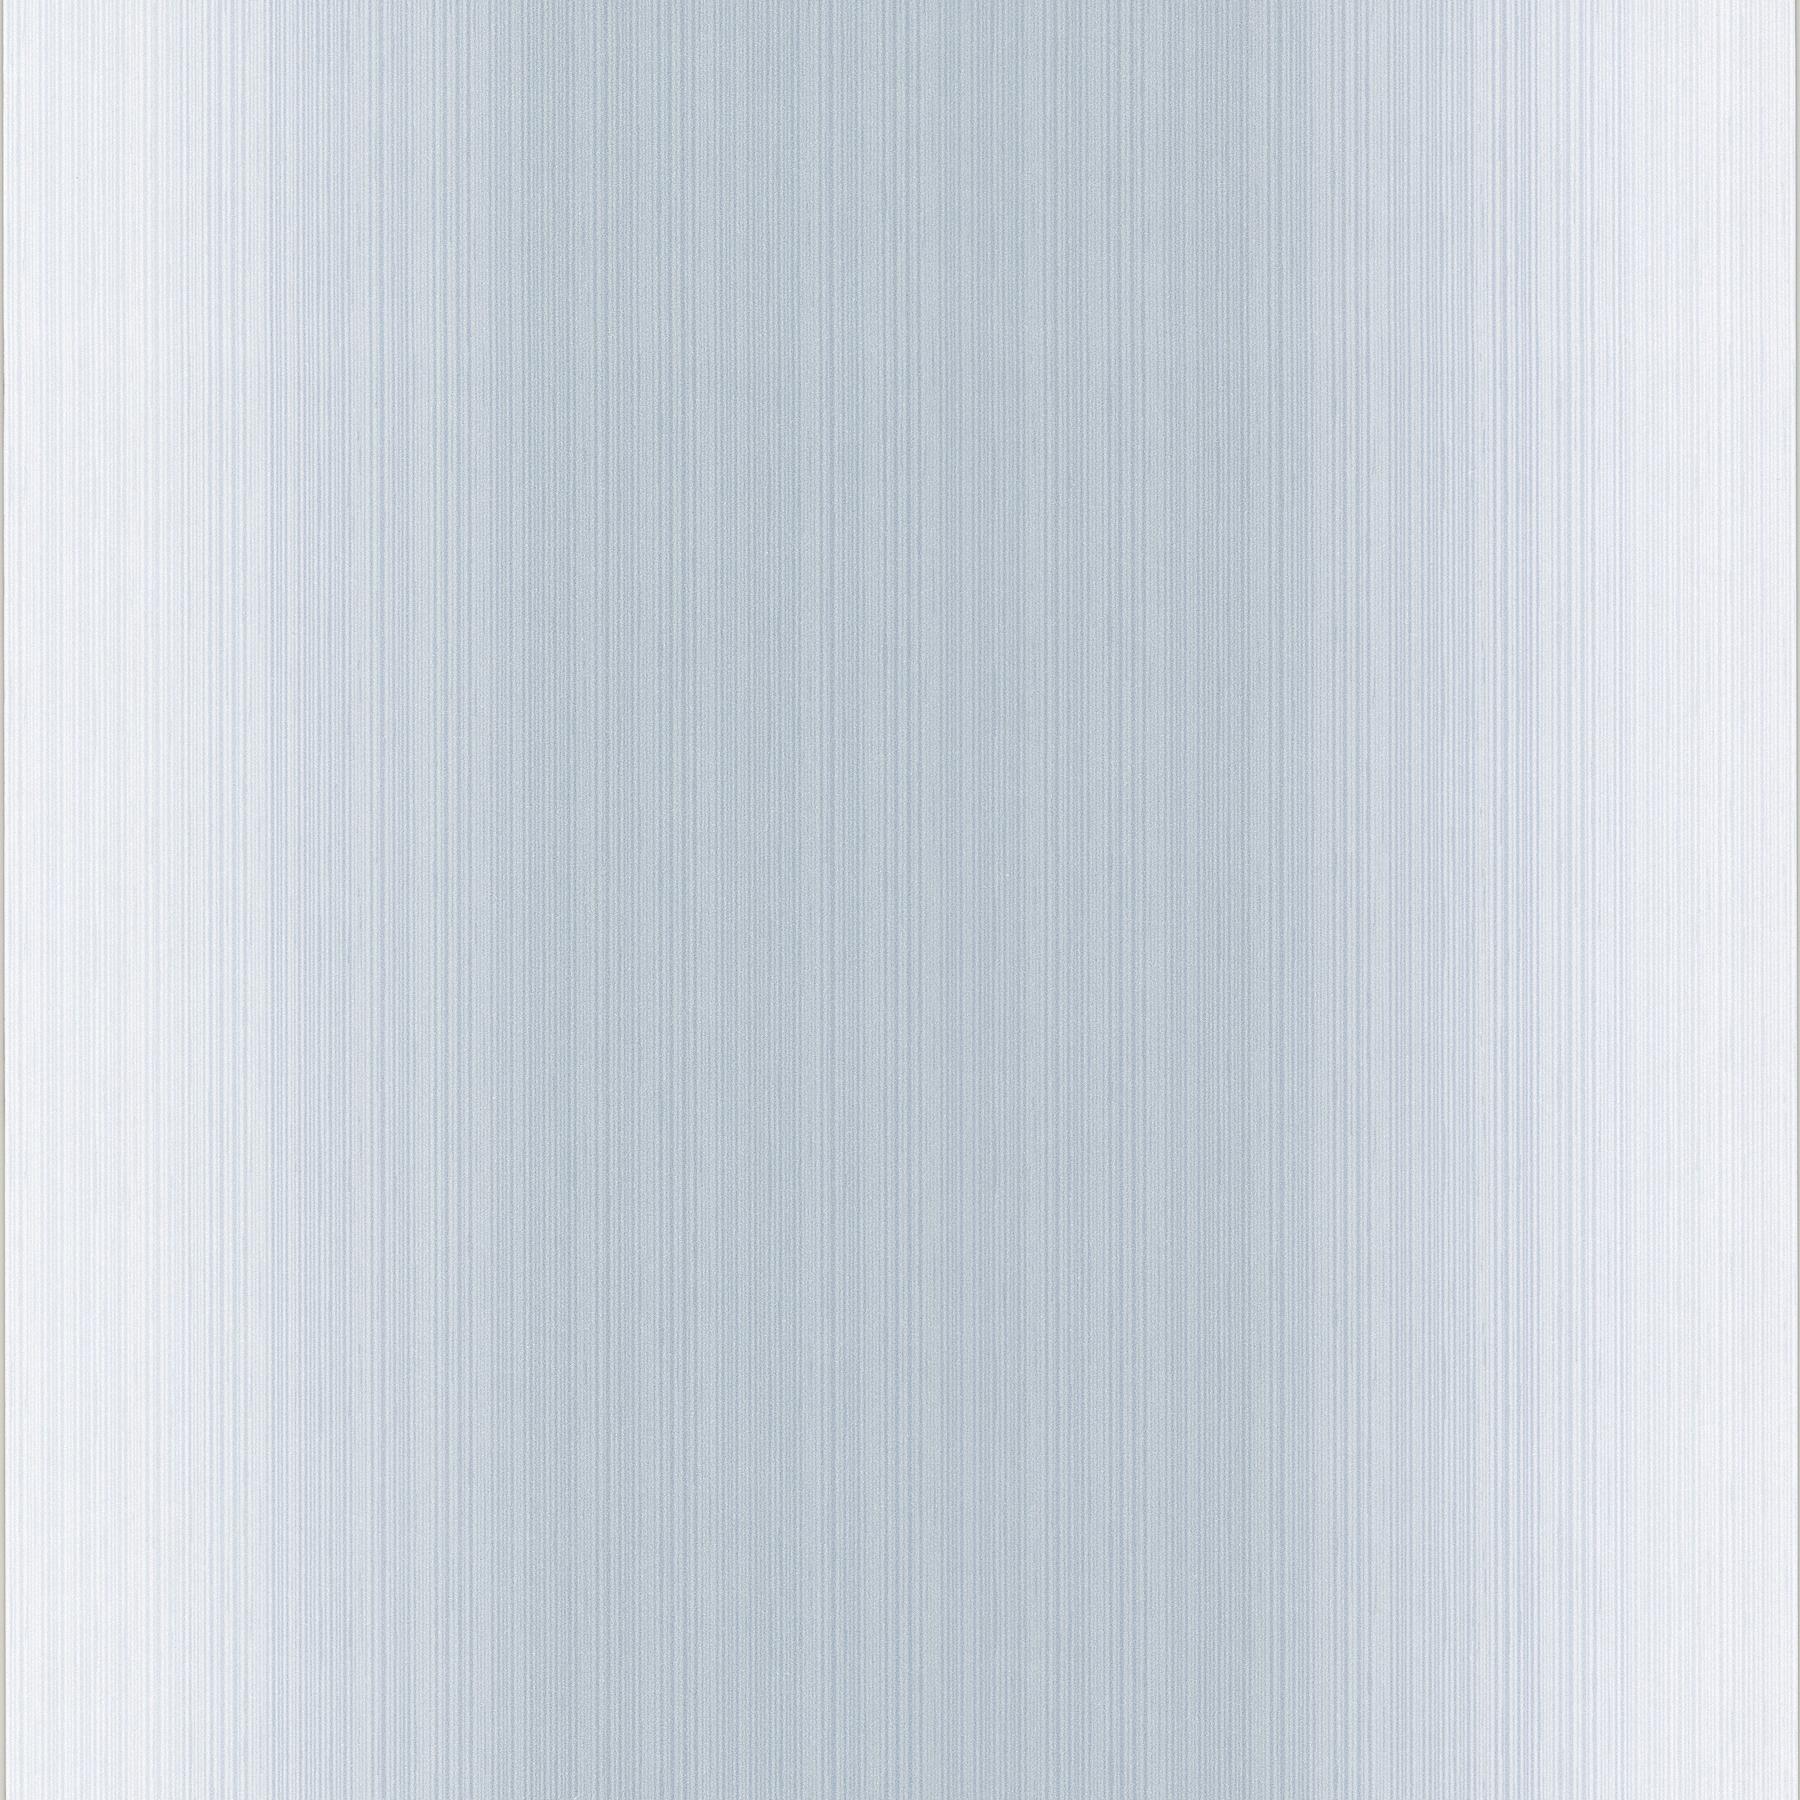 Papel de Parede Código: 295-66552